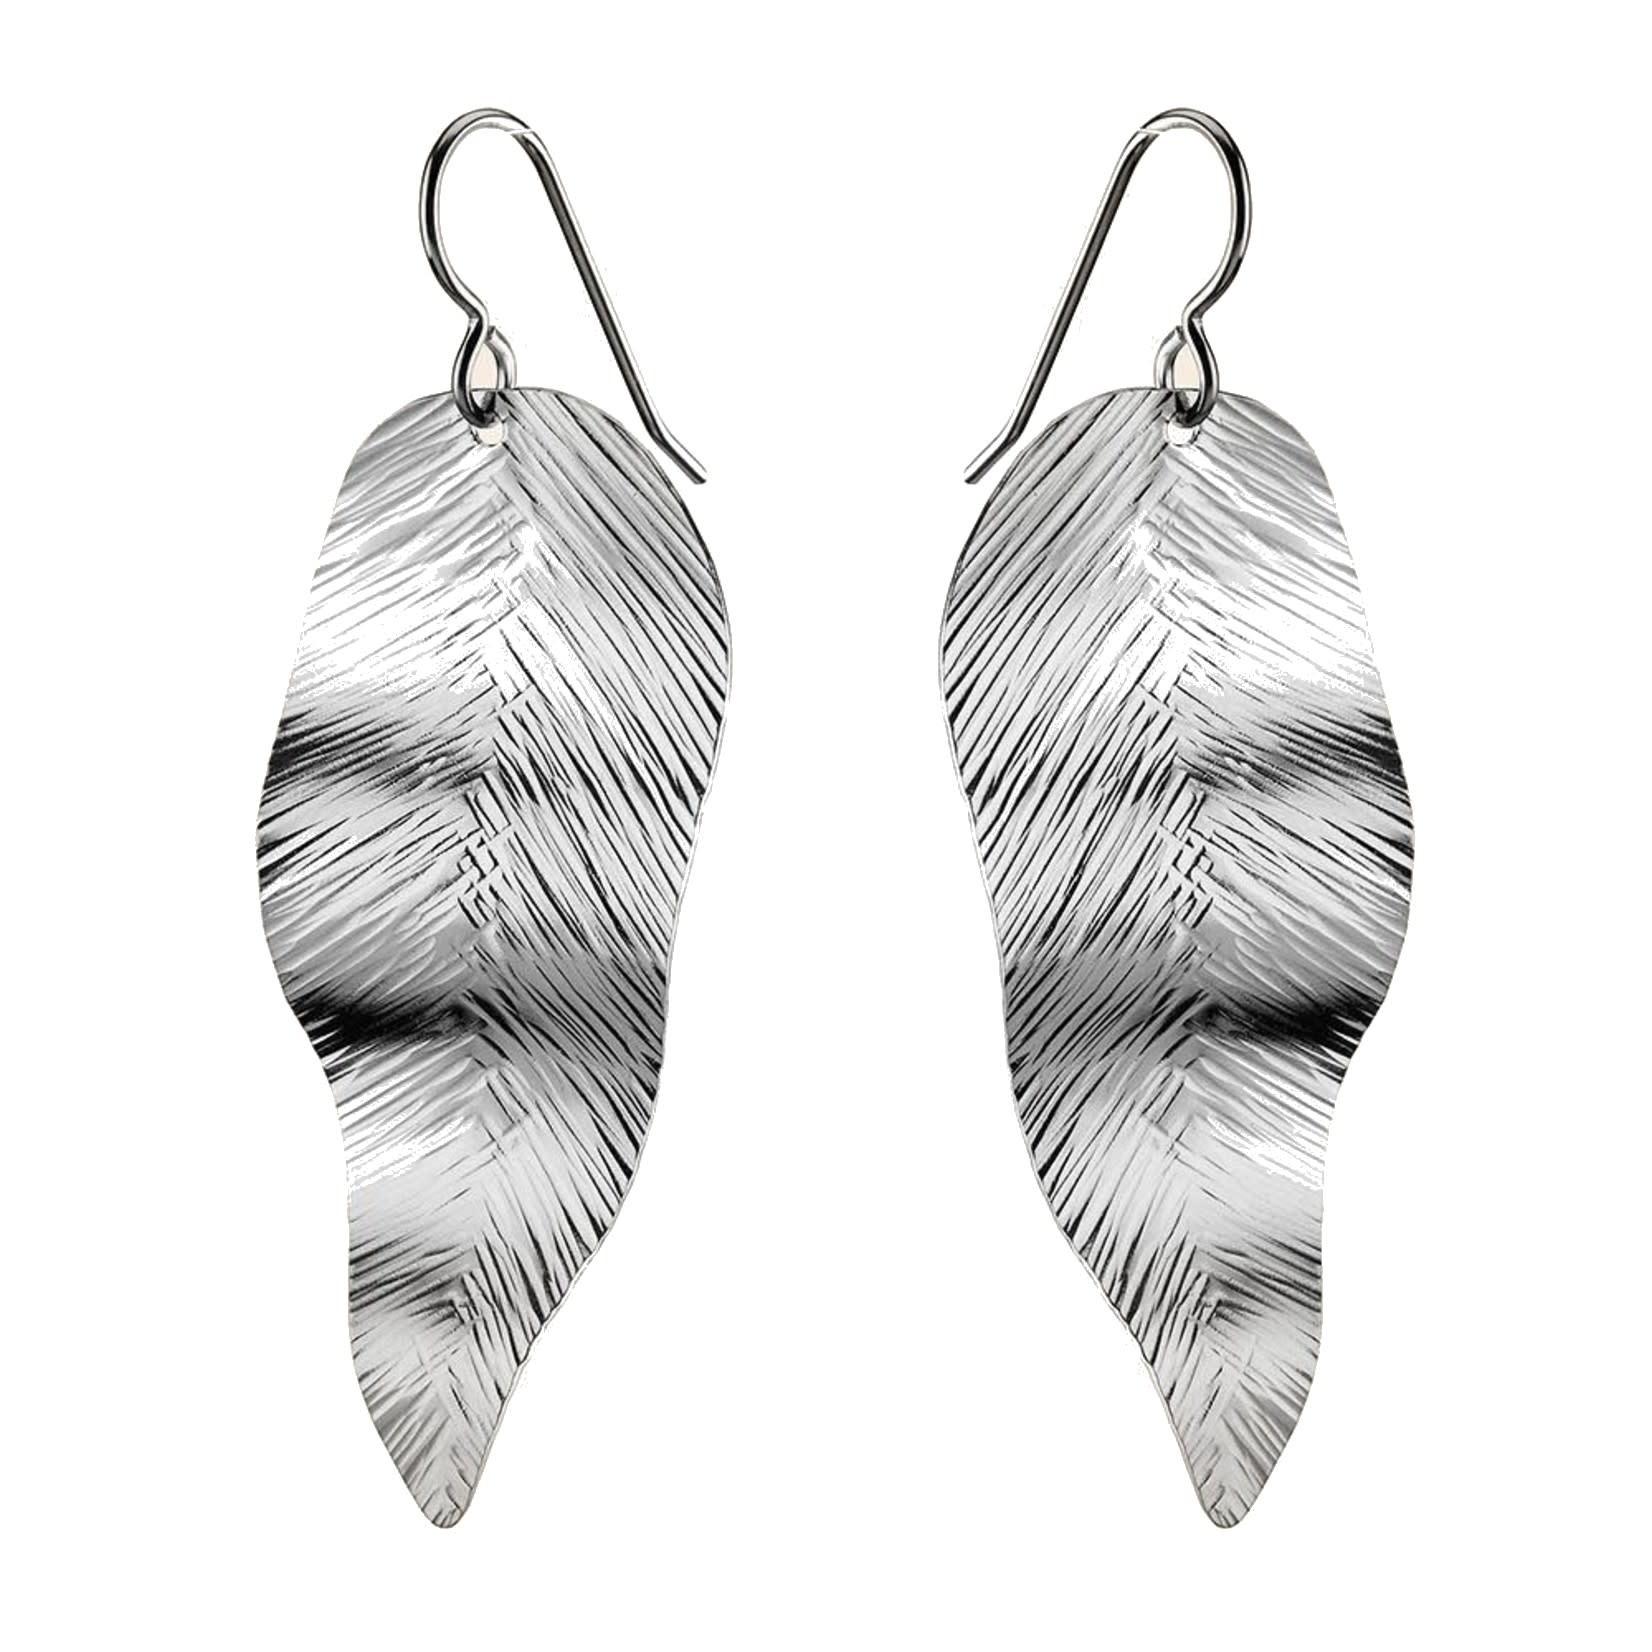 Lotus Jewelry Studio Fern Earrings